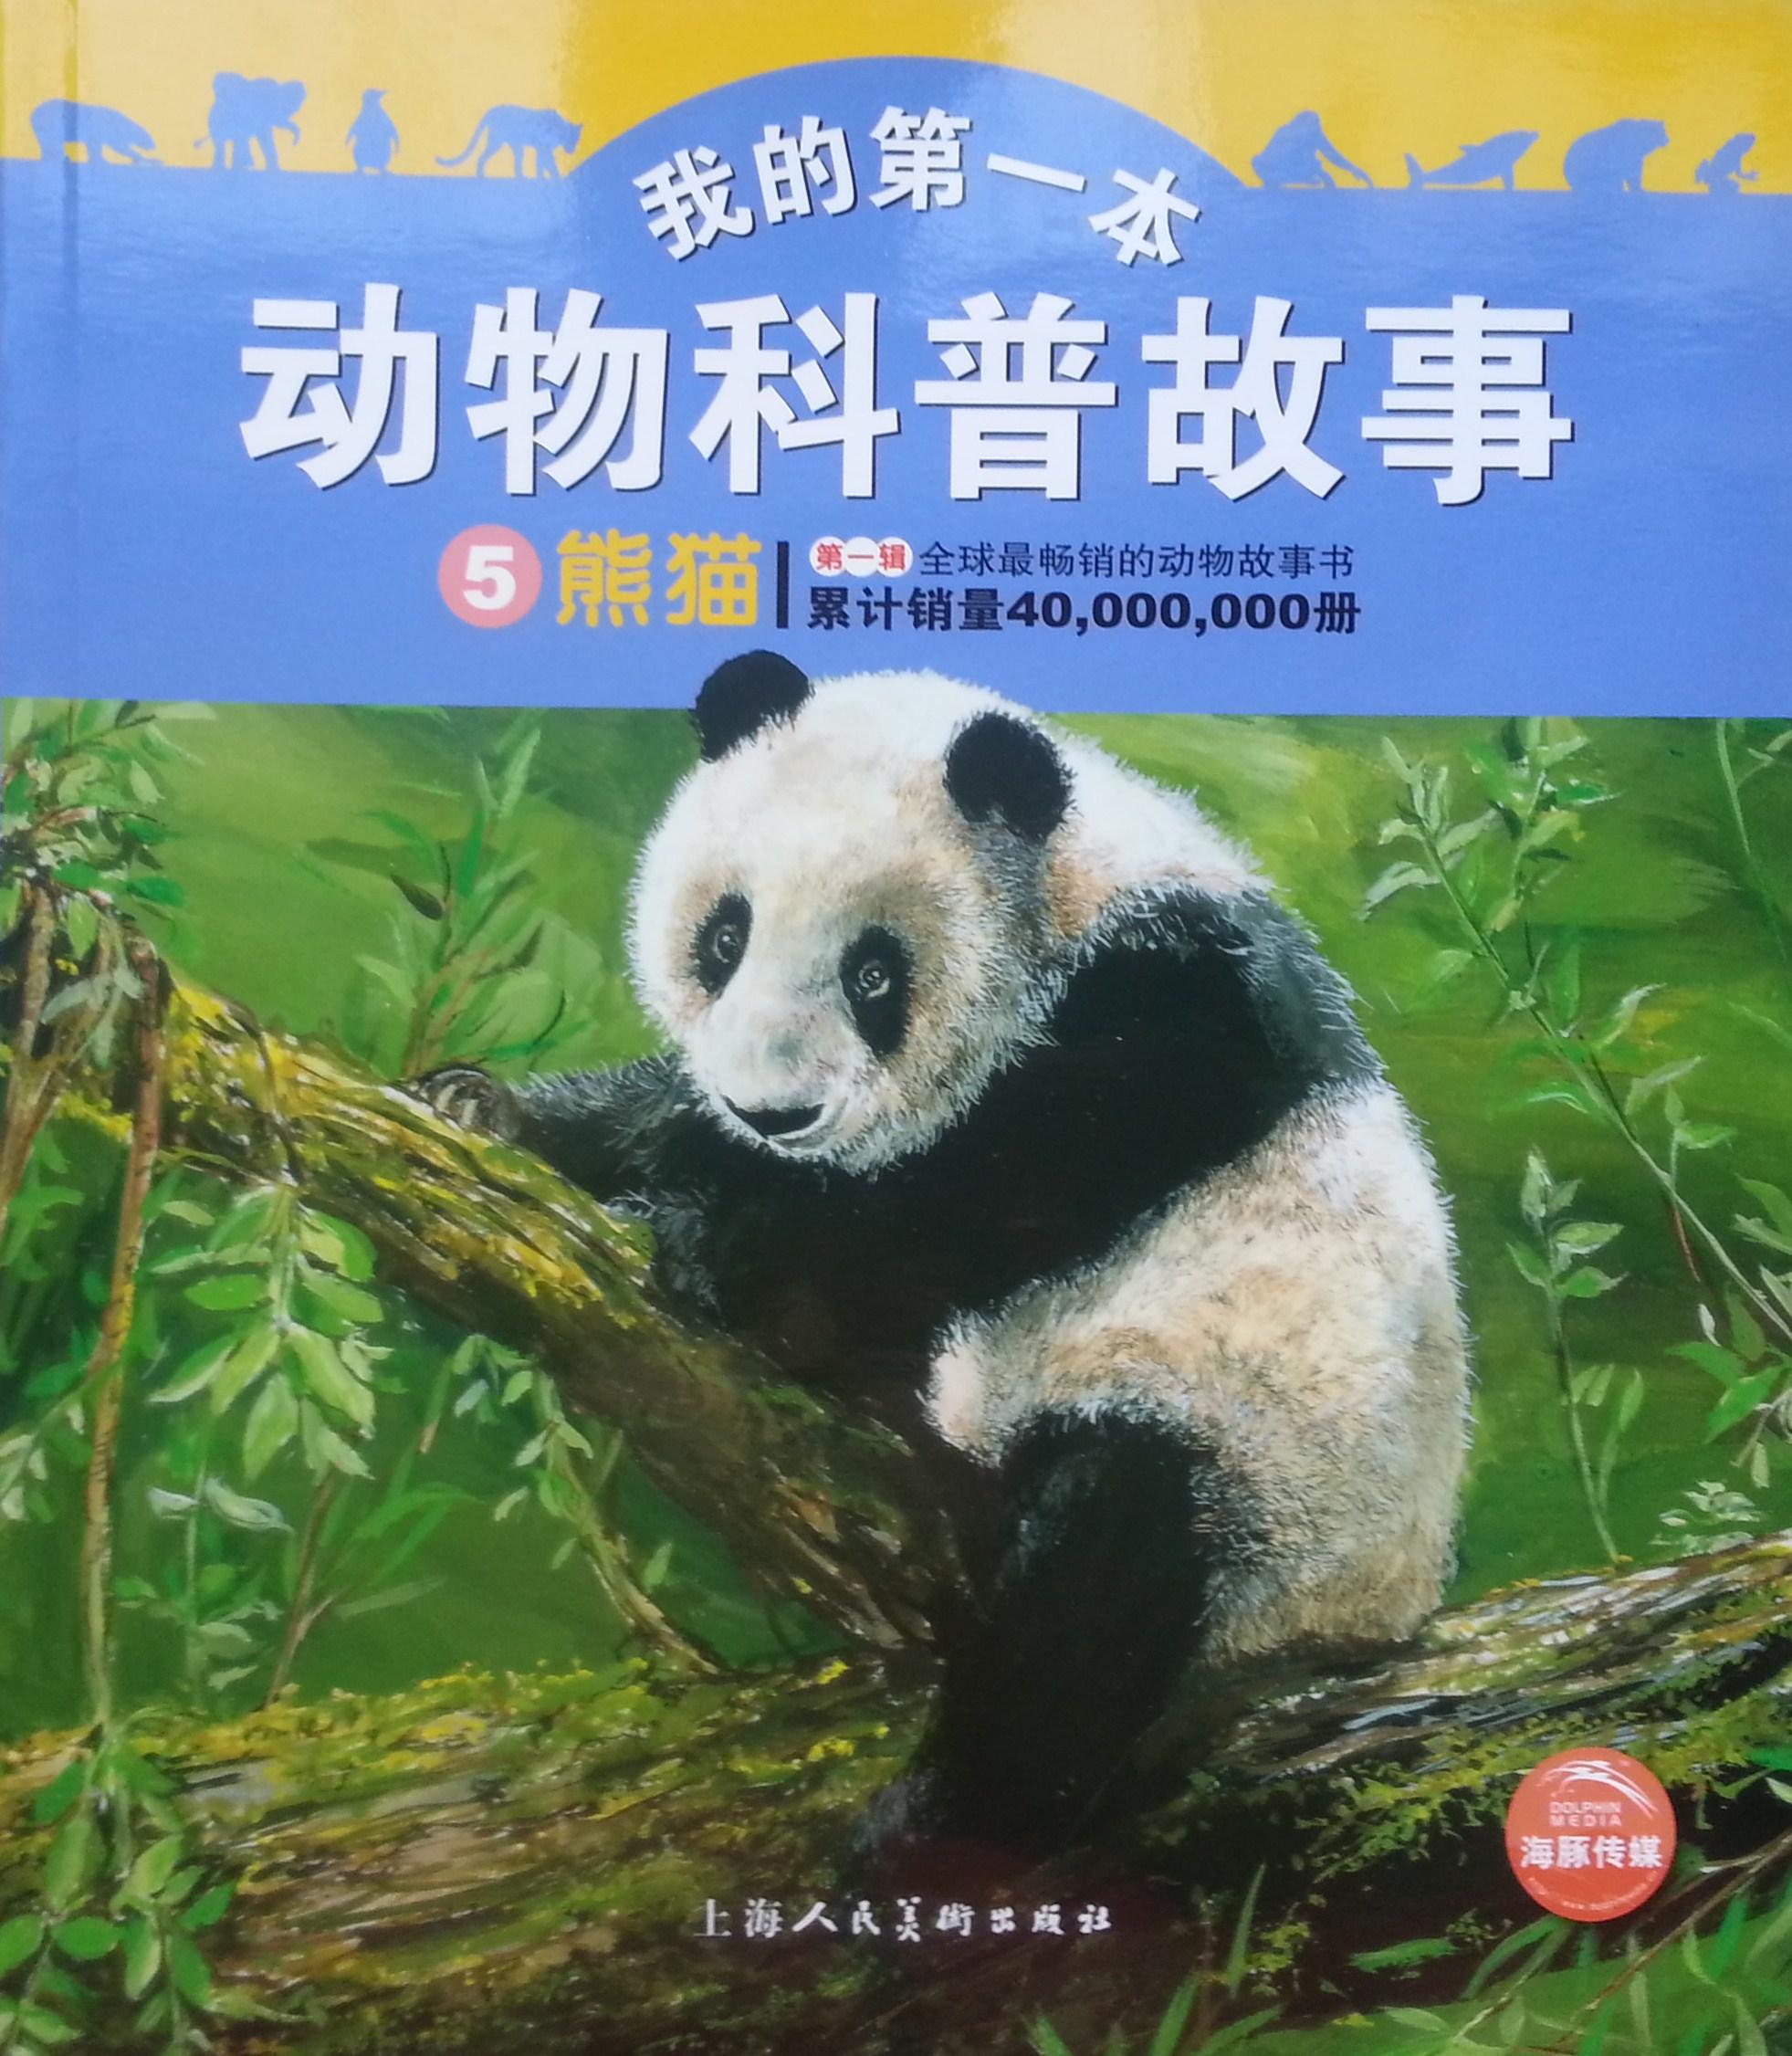 喜欢动物的小朋友们,快来听听吧!《我的第一本动物科普故事》这套书里,法国作家将科普知识与精彩生动的故事相结合,可读性非常强;而且书本后面的关于动物的知识、动物的亲戚、迷宫游戏等拓展了孩子的知识面。本专辑共二十集,已全部播讲完毕。